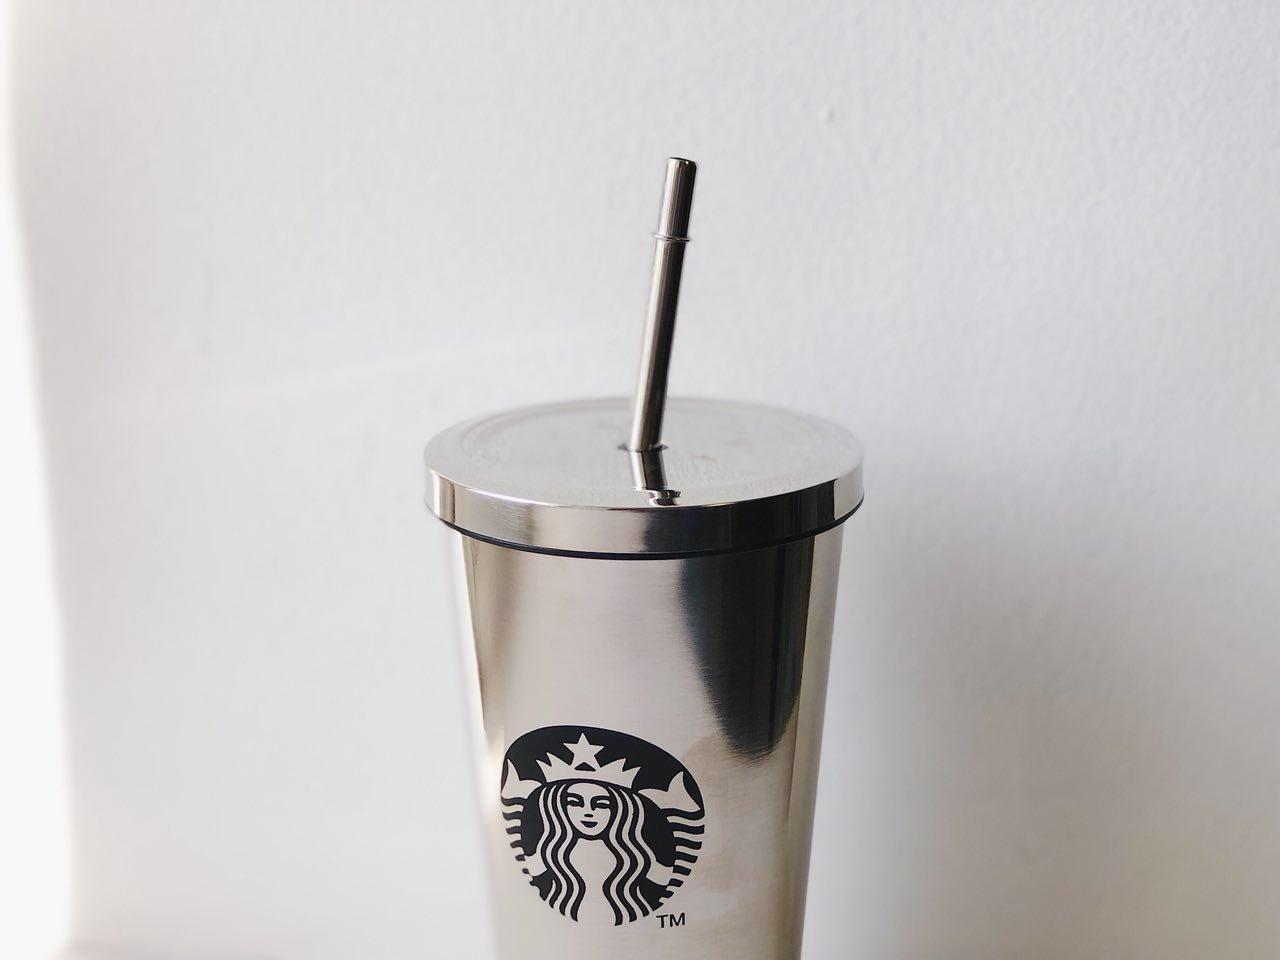 Фото стакана с трубочкой из стали